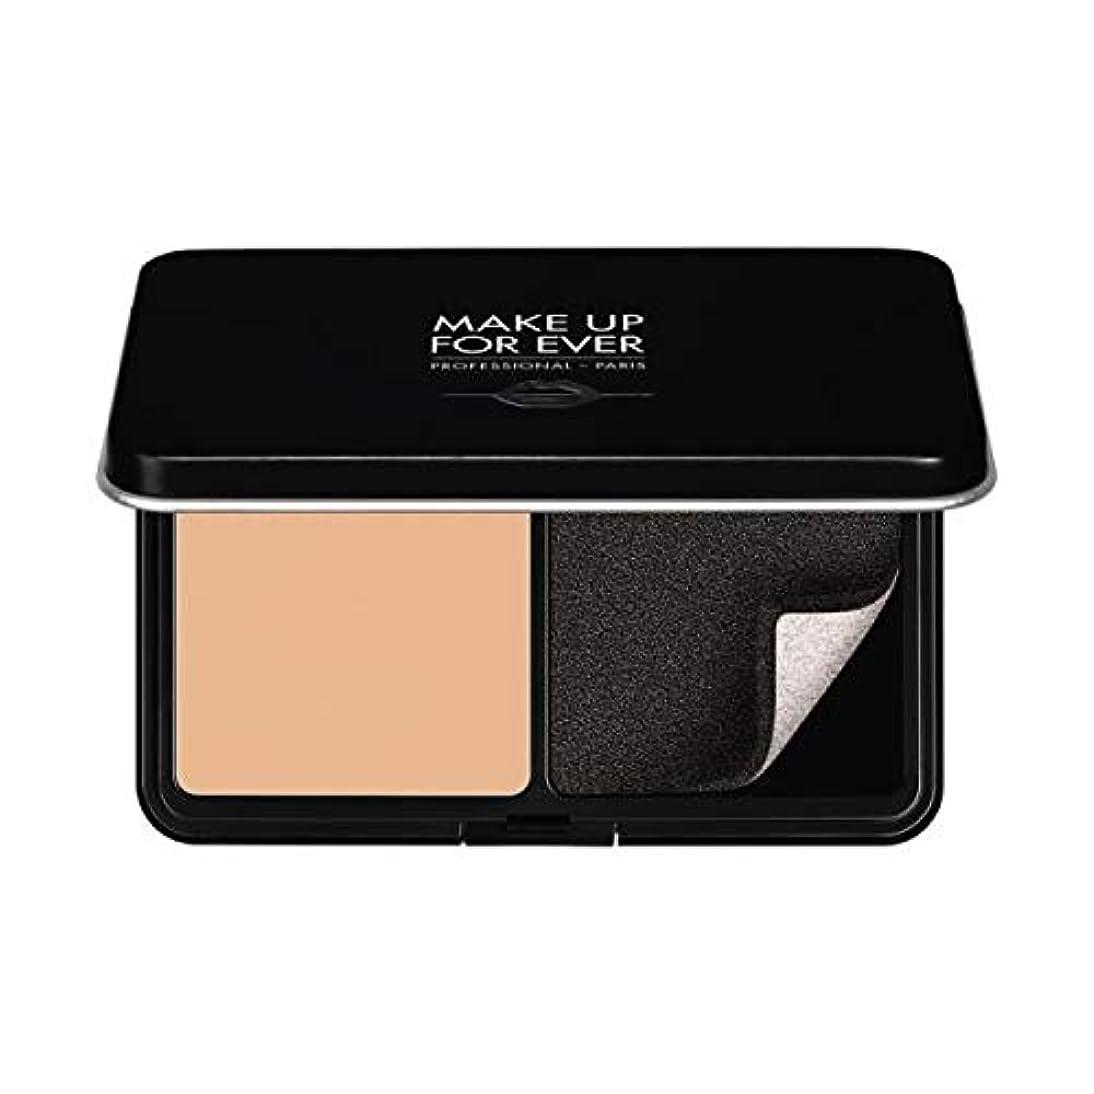 シルクコメント減少Make up For Ever マットベルベットスキン コンパクトファンデーション (R230 アイボリー)